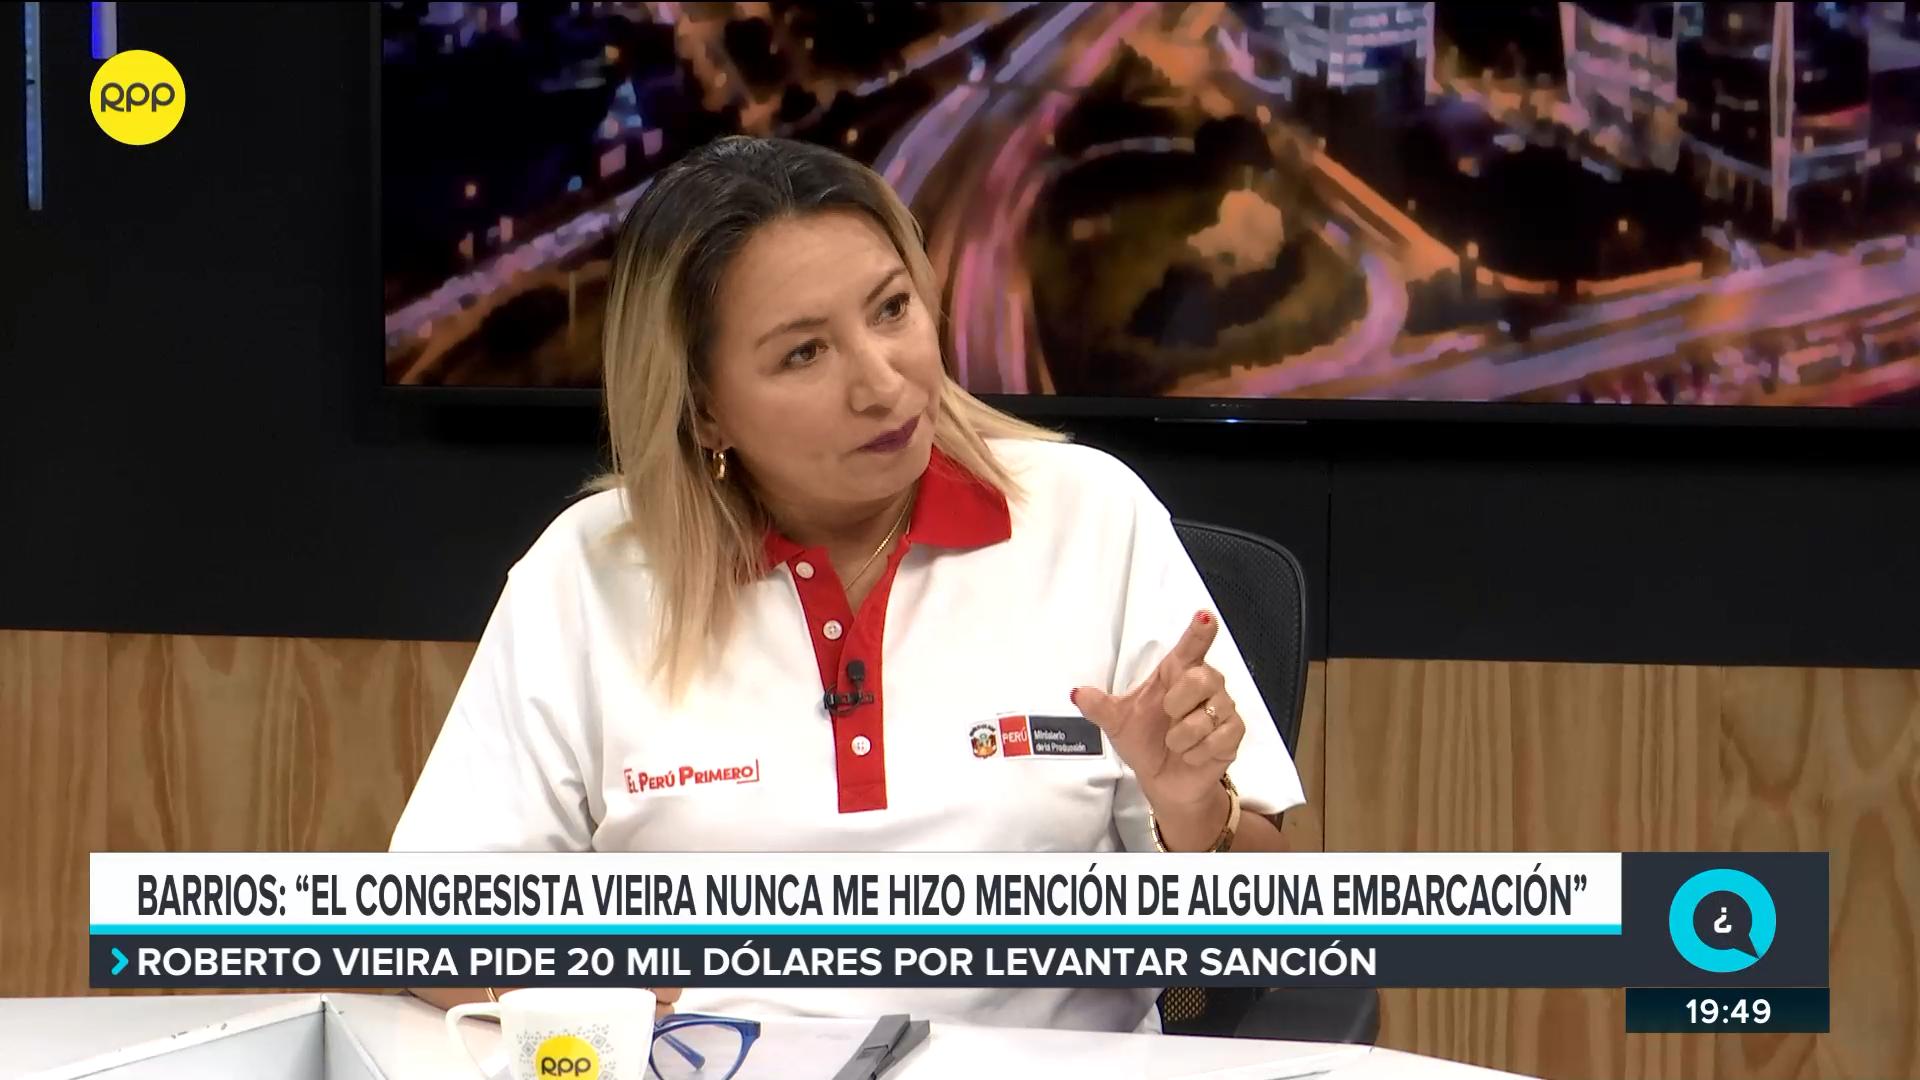 La ministra Barrios explicó por qué se reunió con Vieira.